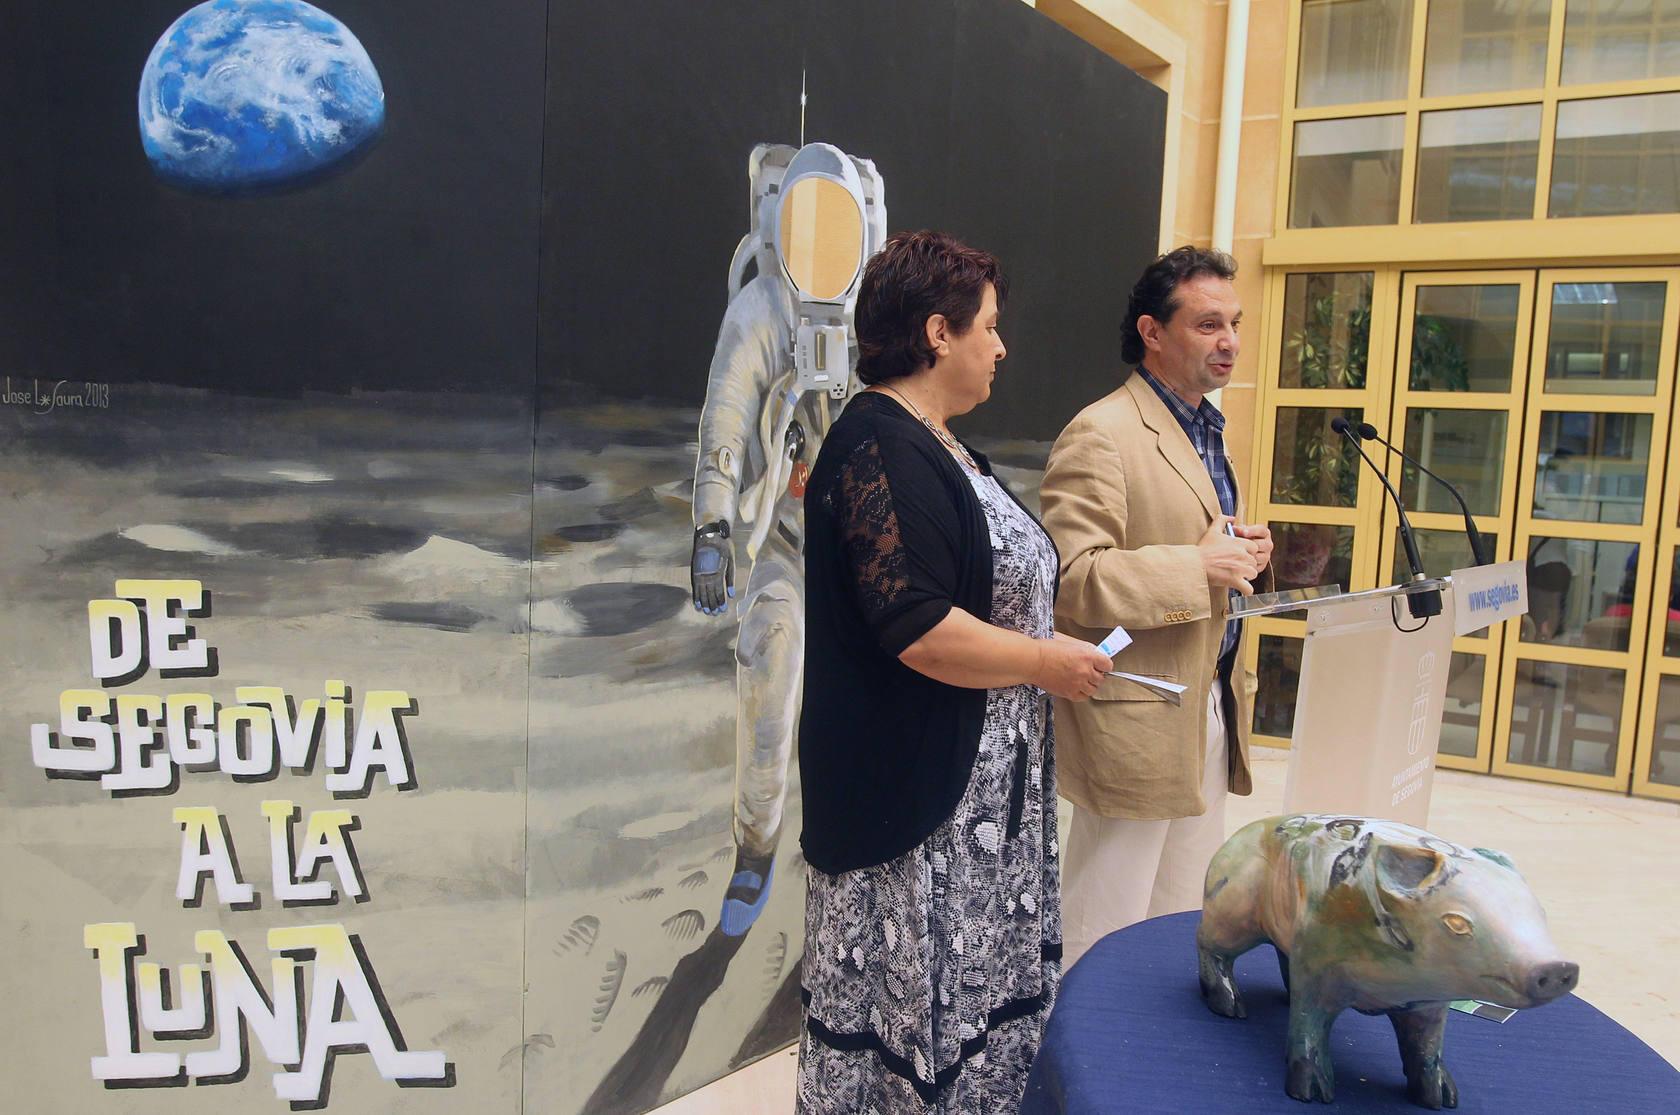 Presentación de la Séptima edición de la Noche de Luna Llena